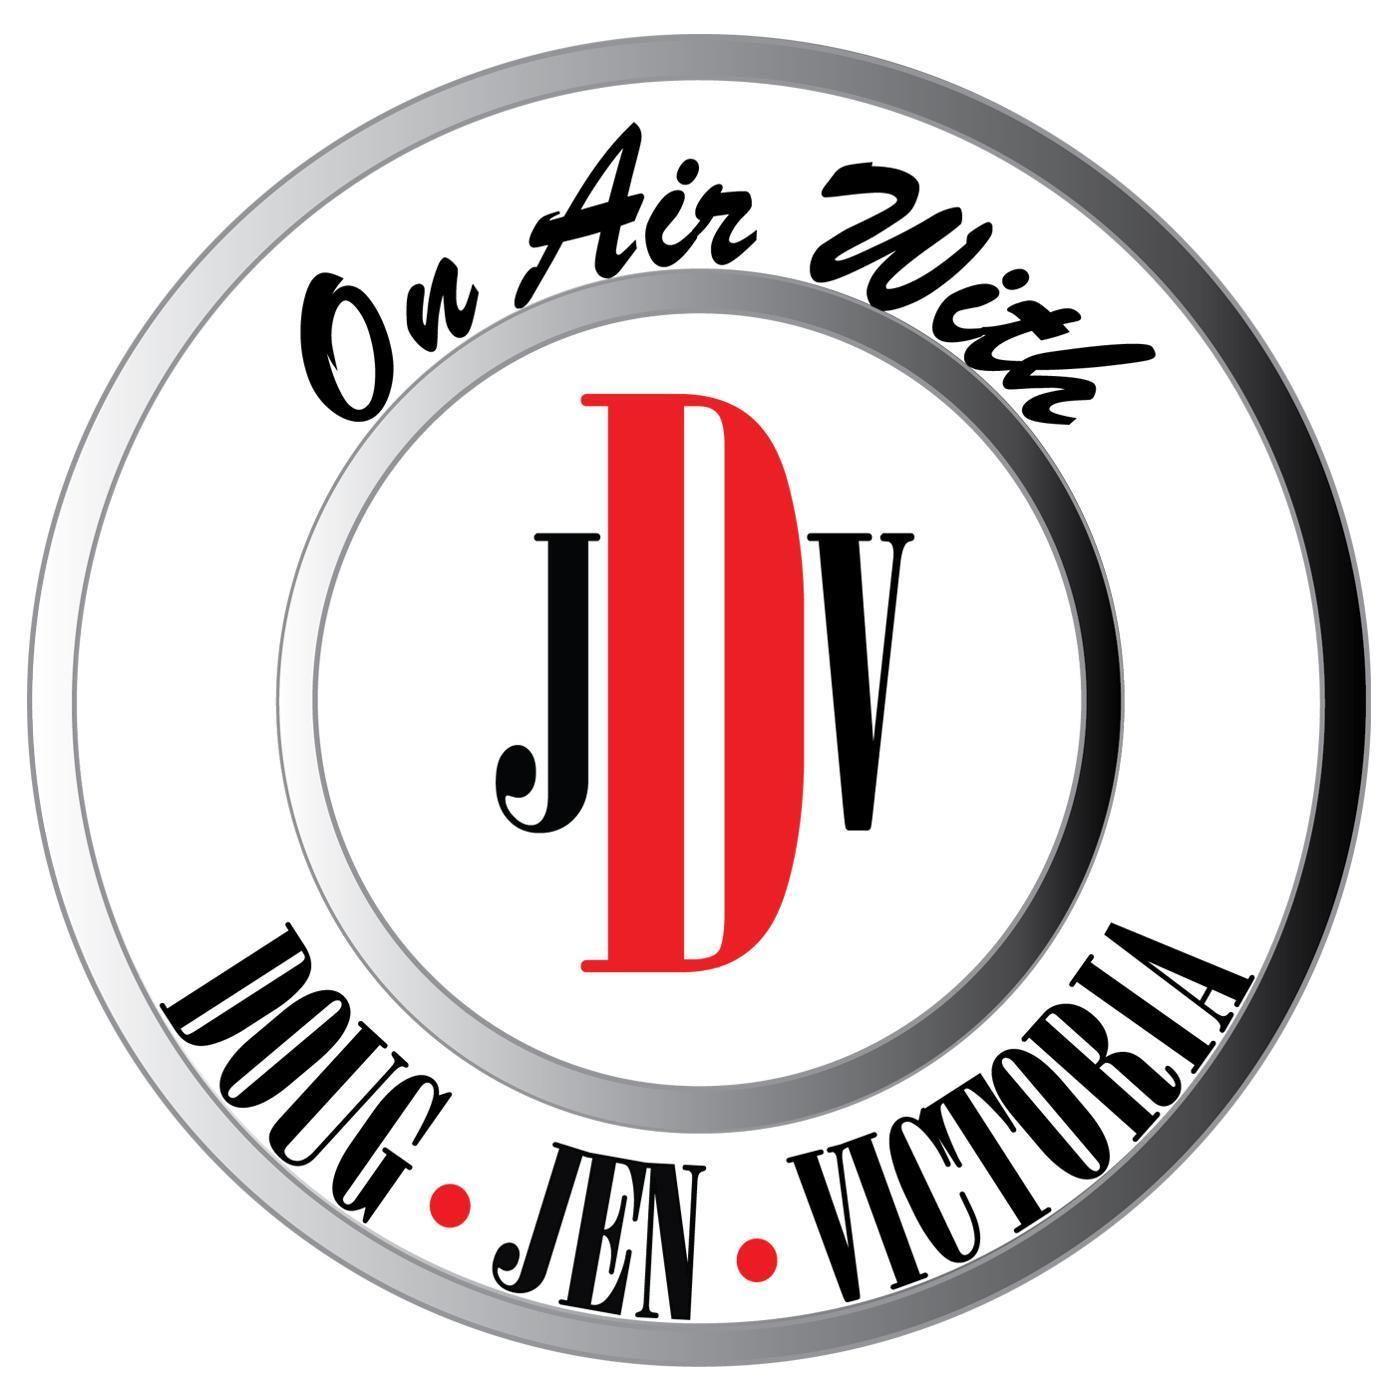 DJV Download - 08/04/21 - Bo Derek Secretly Married At 64